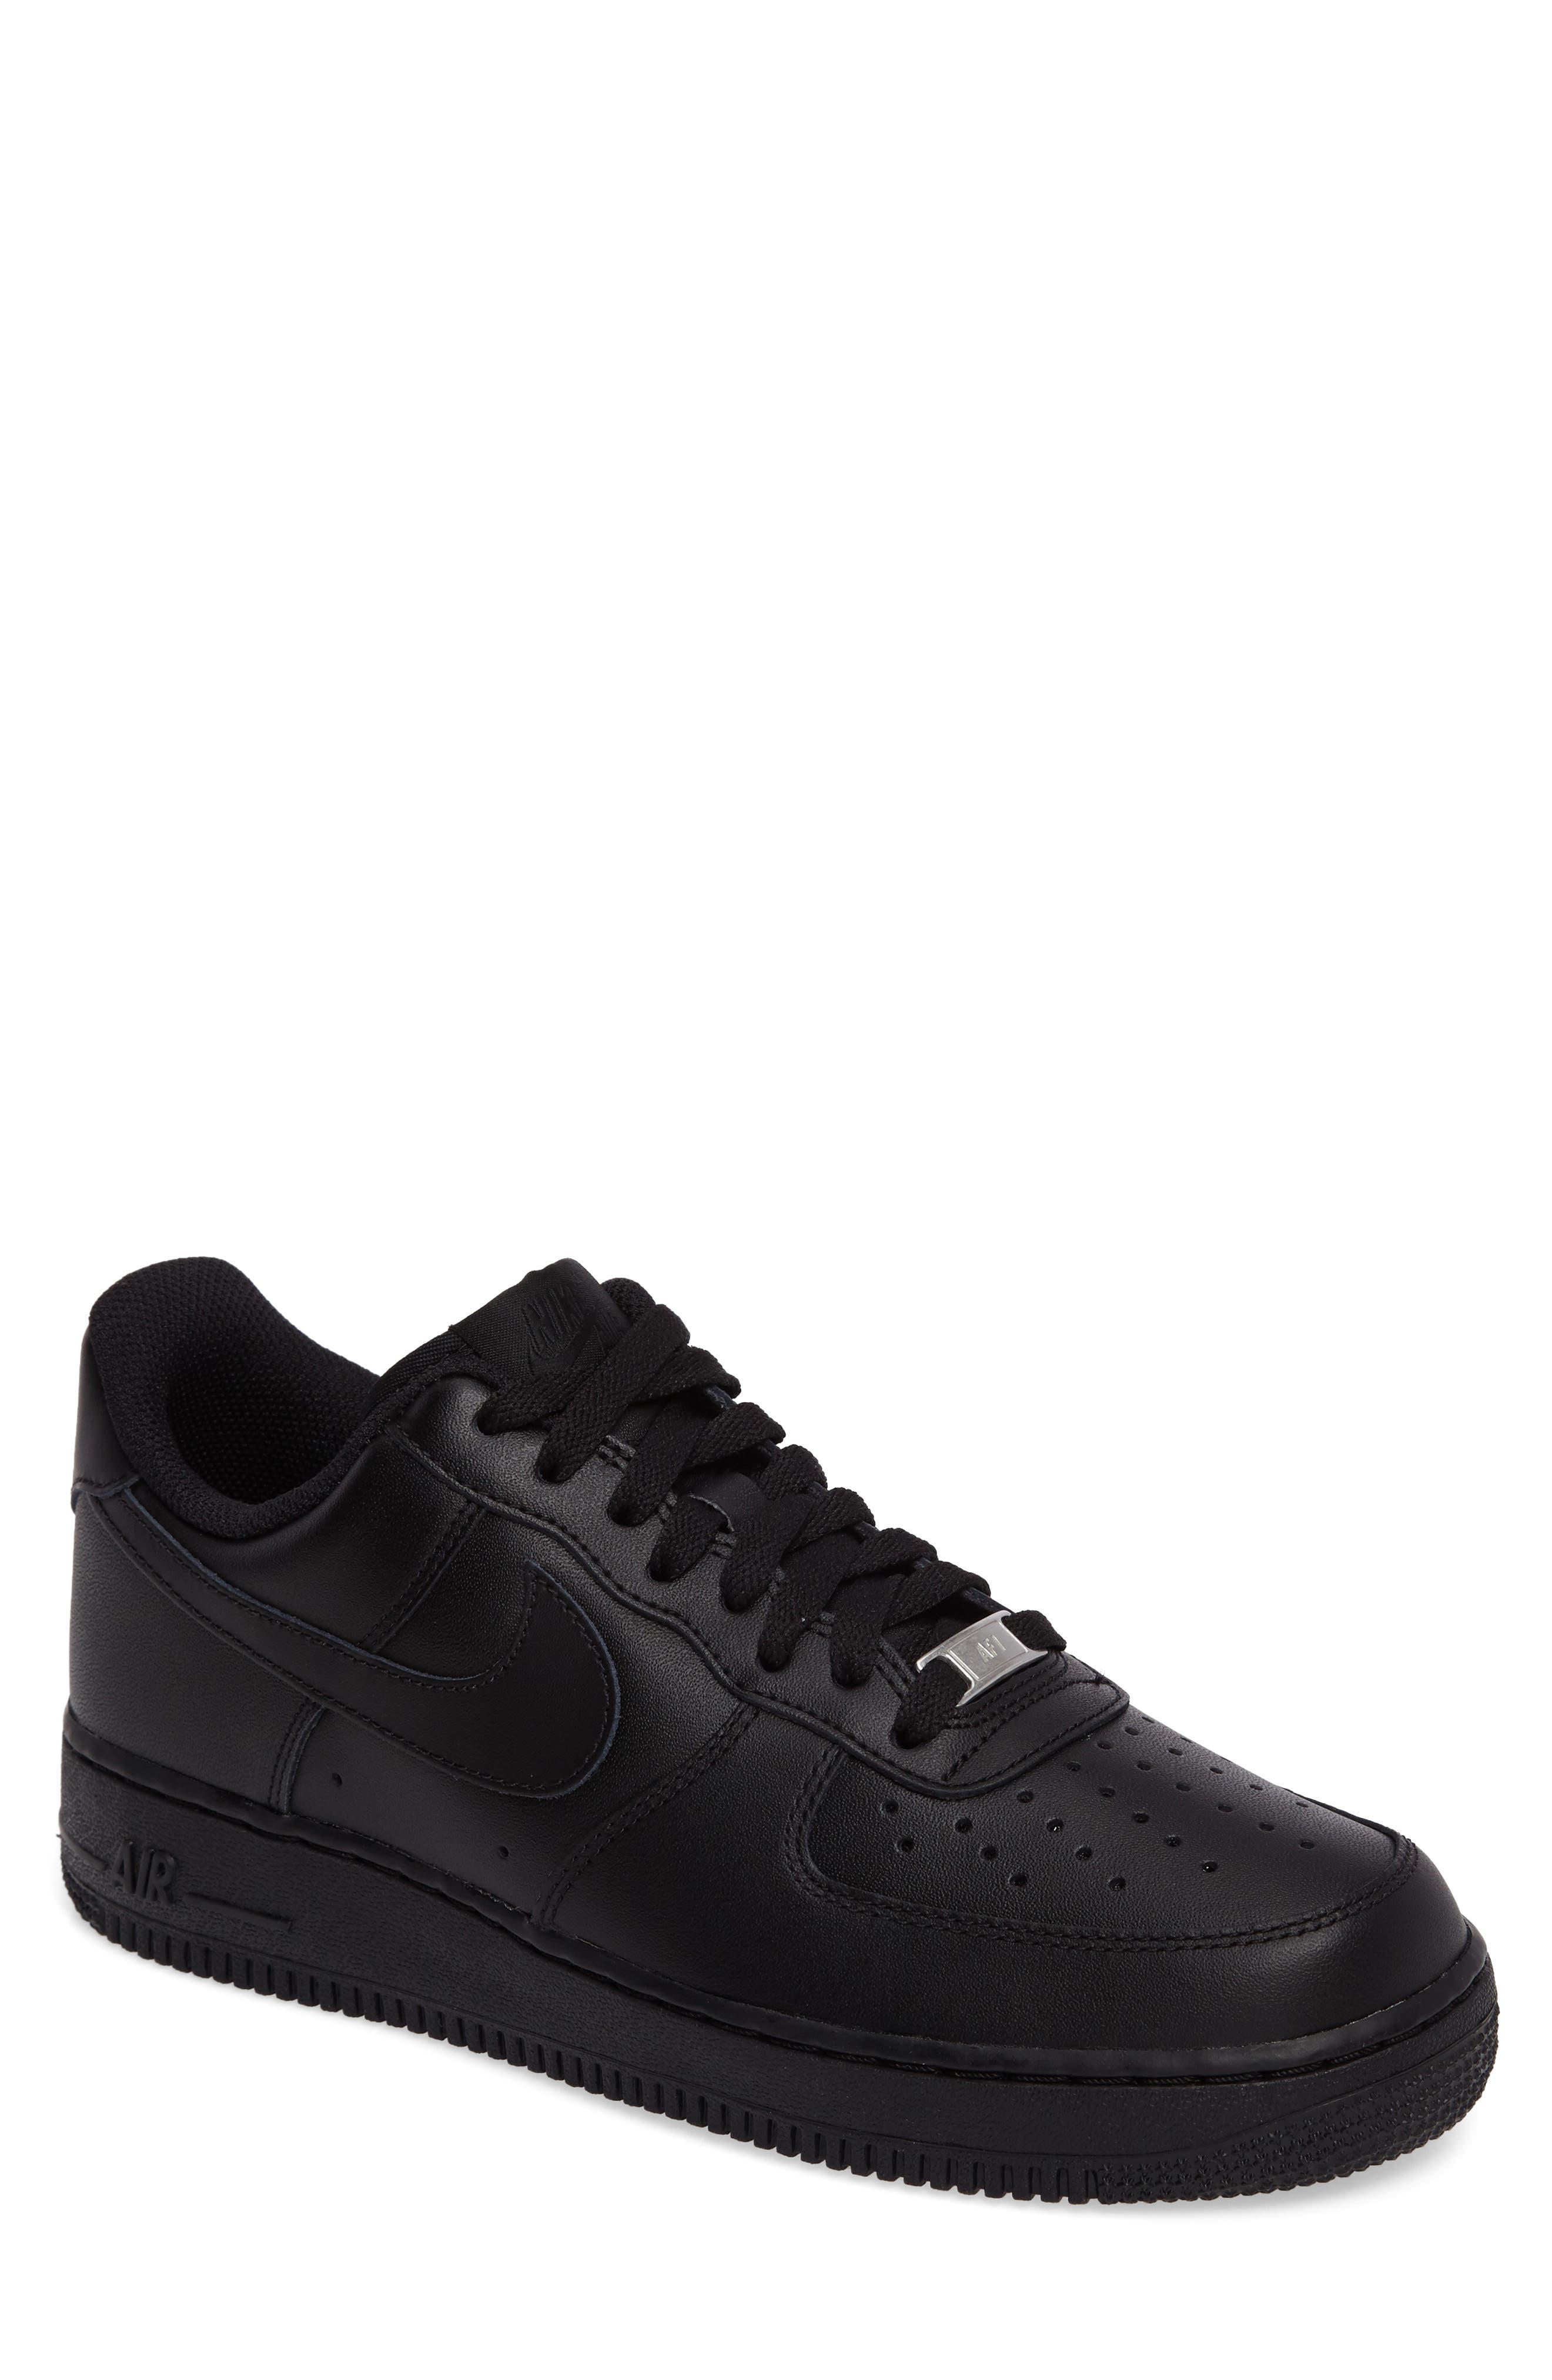 Nike Air Force 1 '07 Sneaker (Men)